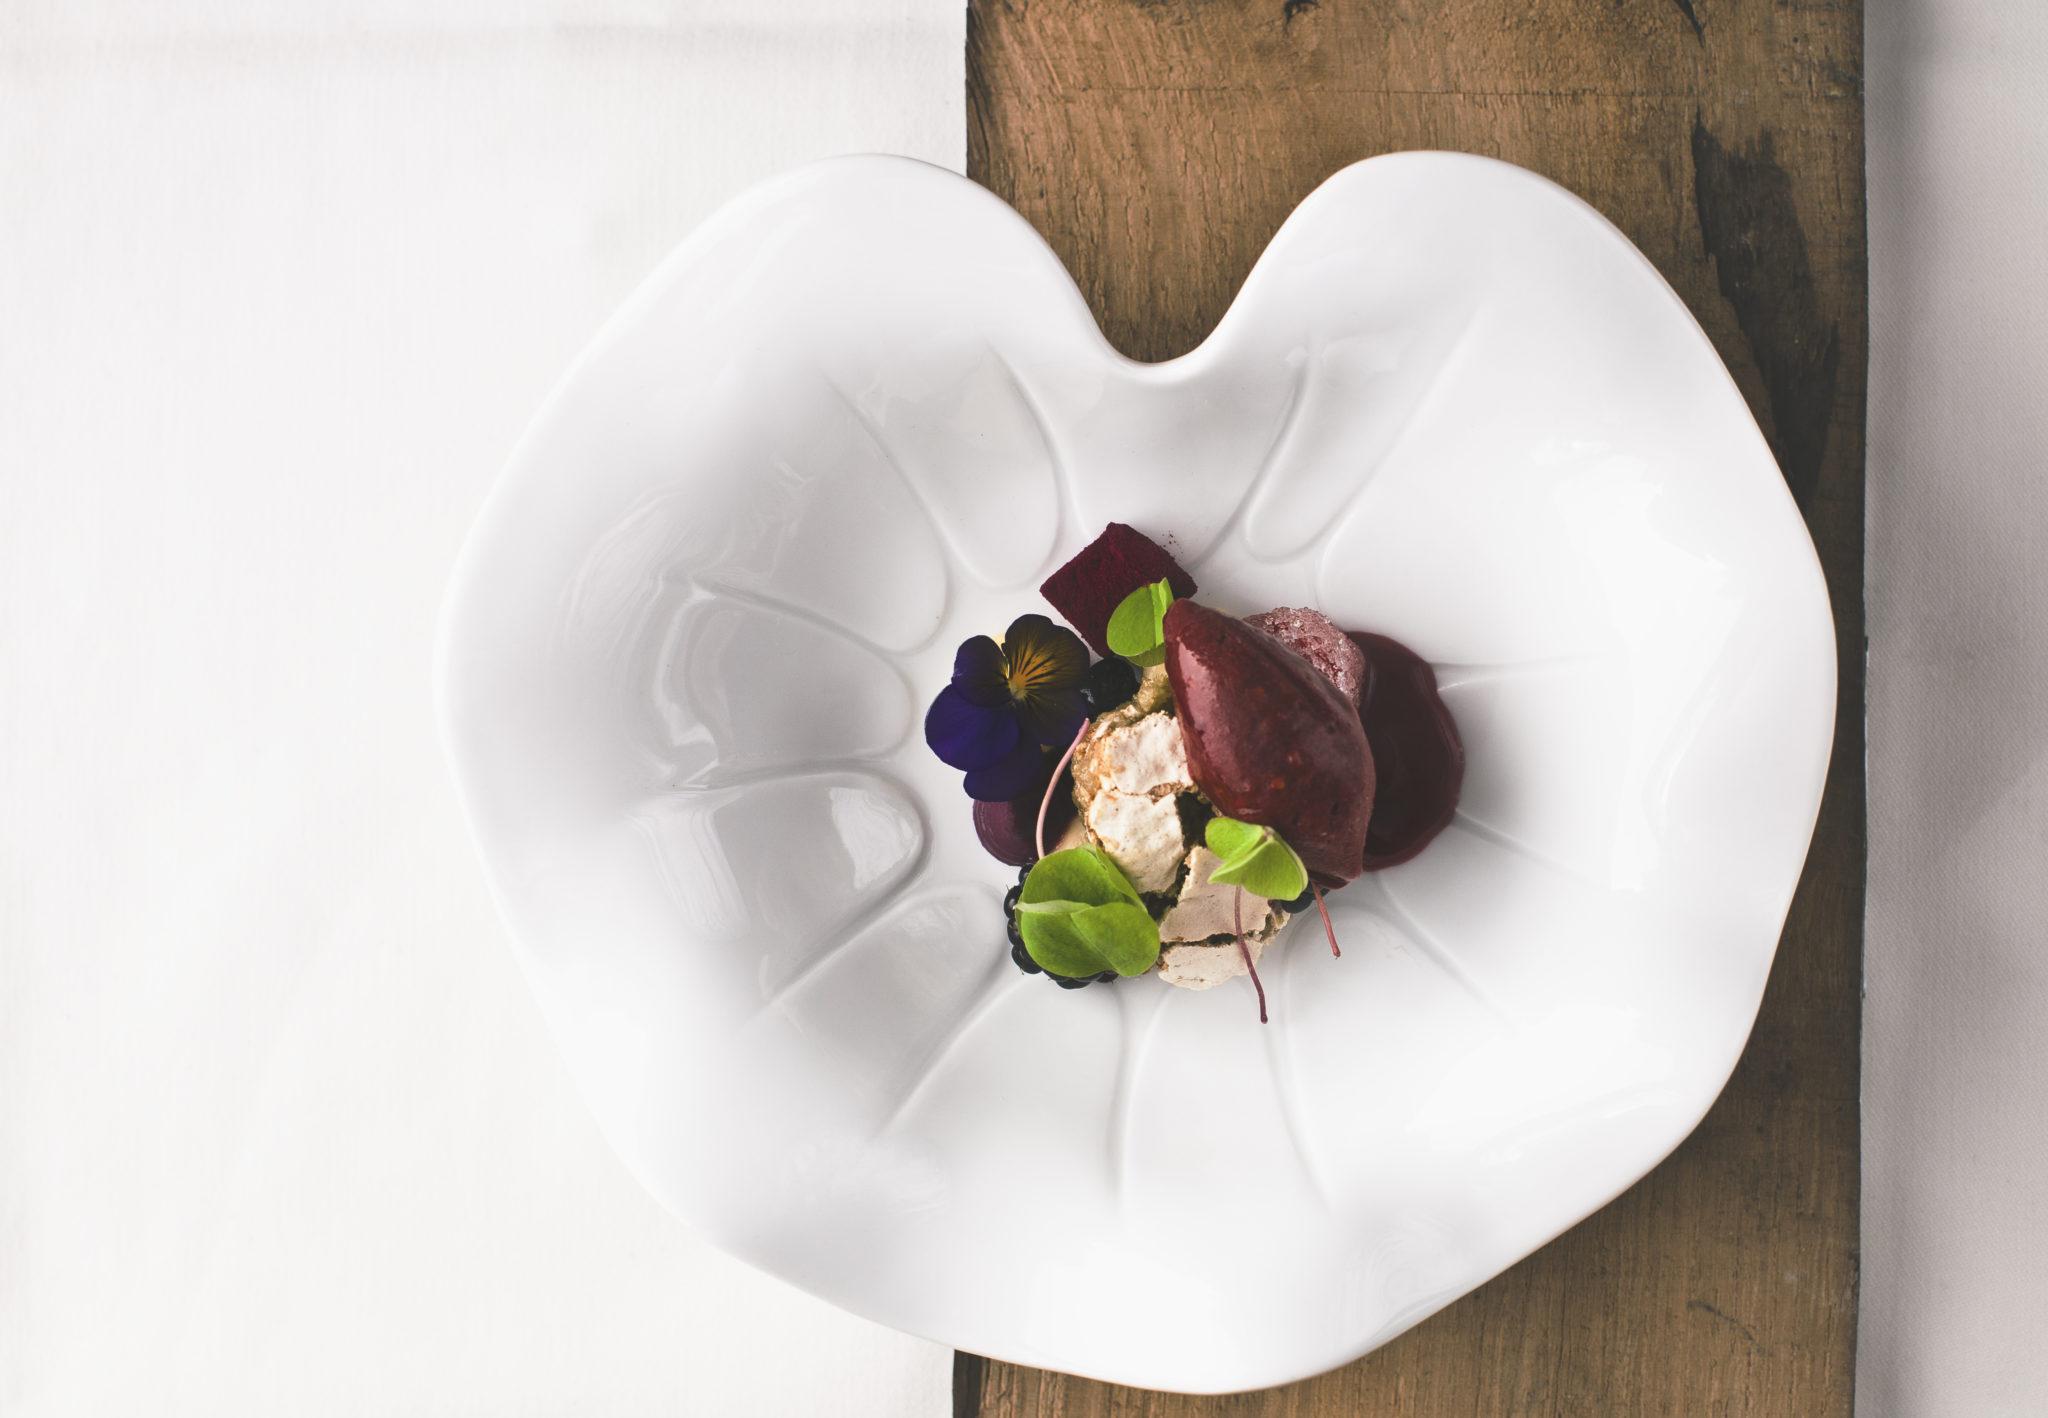 Ana Ros' Dish